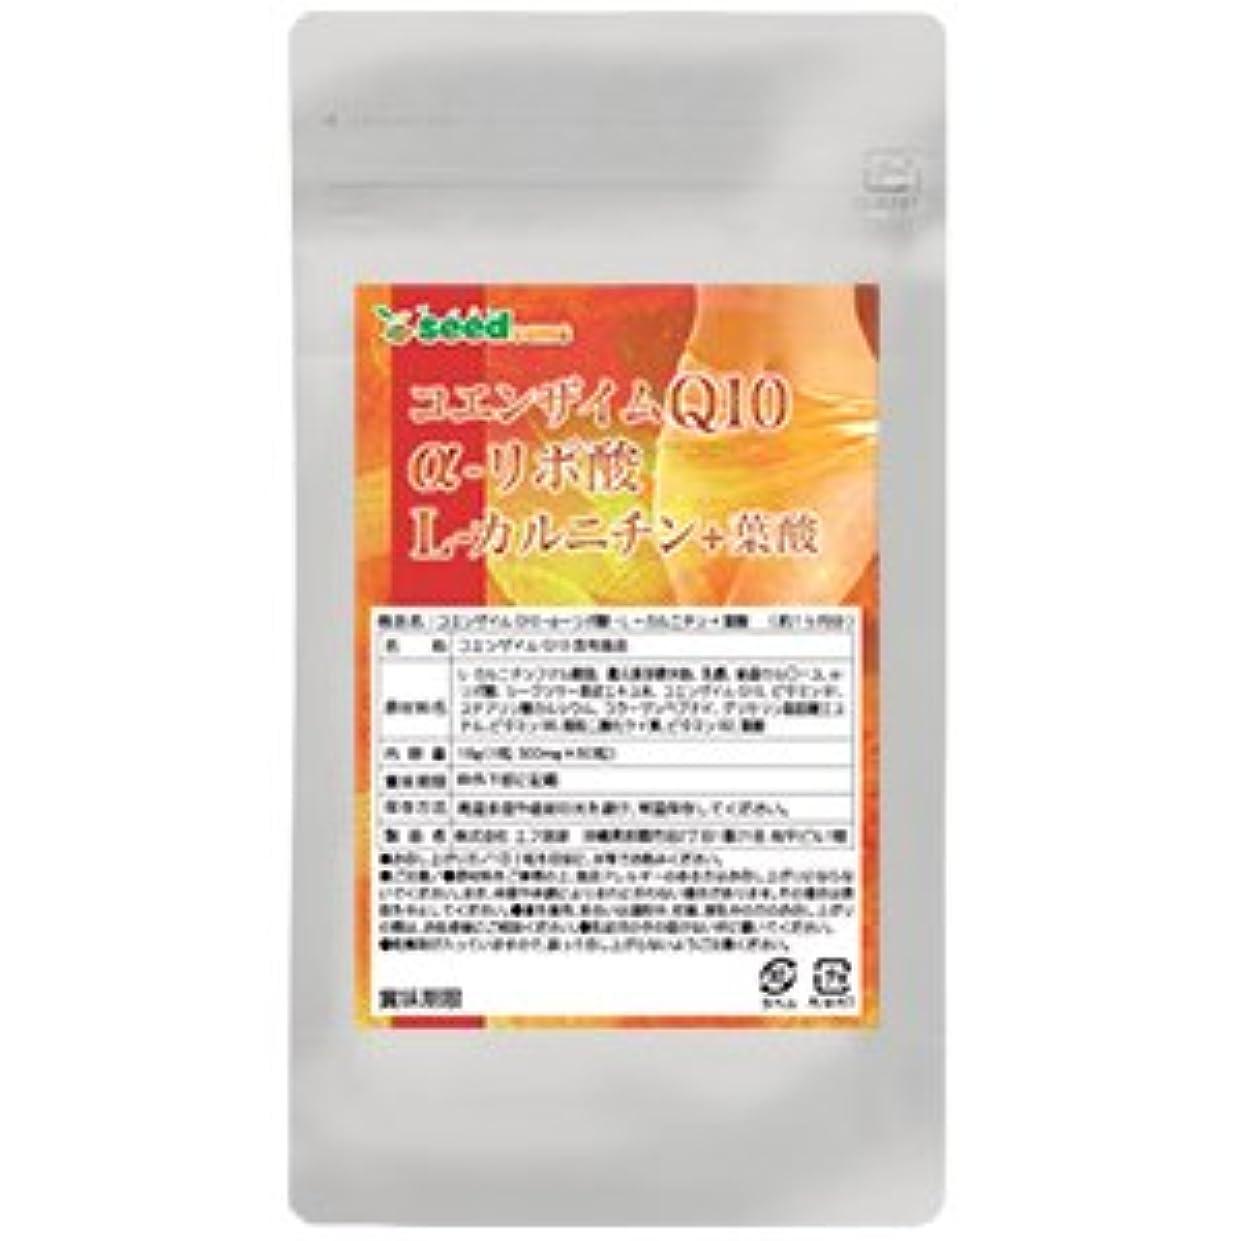 予言する親指冷蔵庫コエンザイムQ10 α-リポ酸 L-カルニチン + 葉酸 (約3ヶ月分/180粒) シークワーサーエキス配合